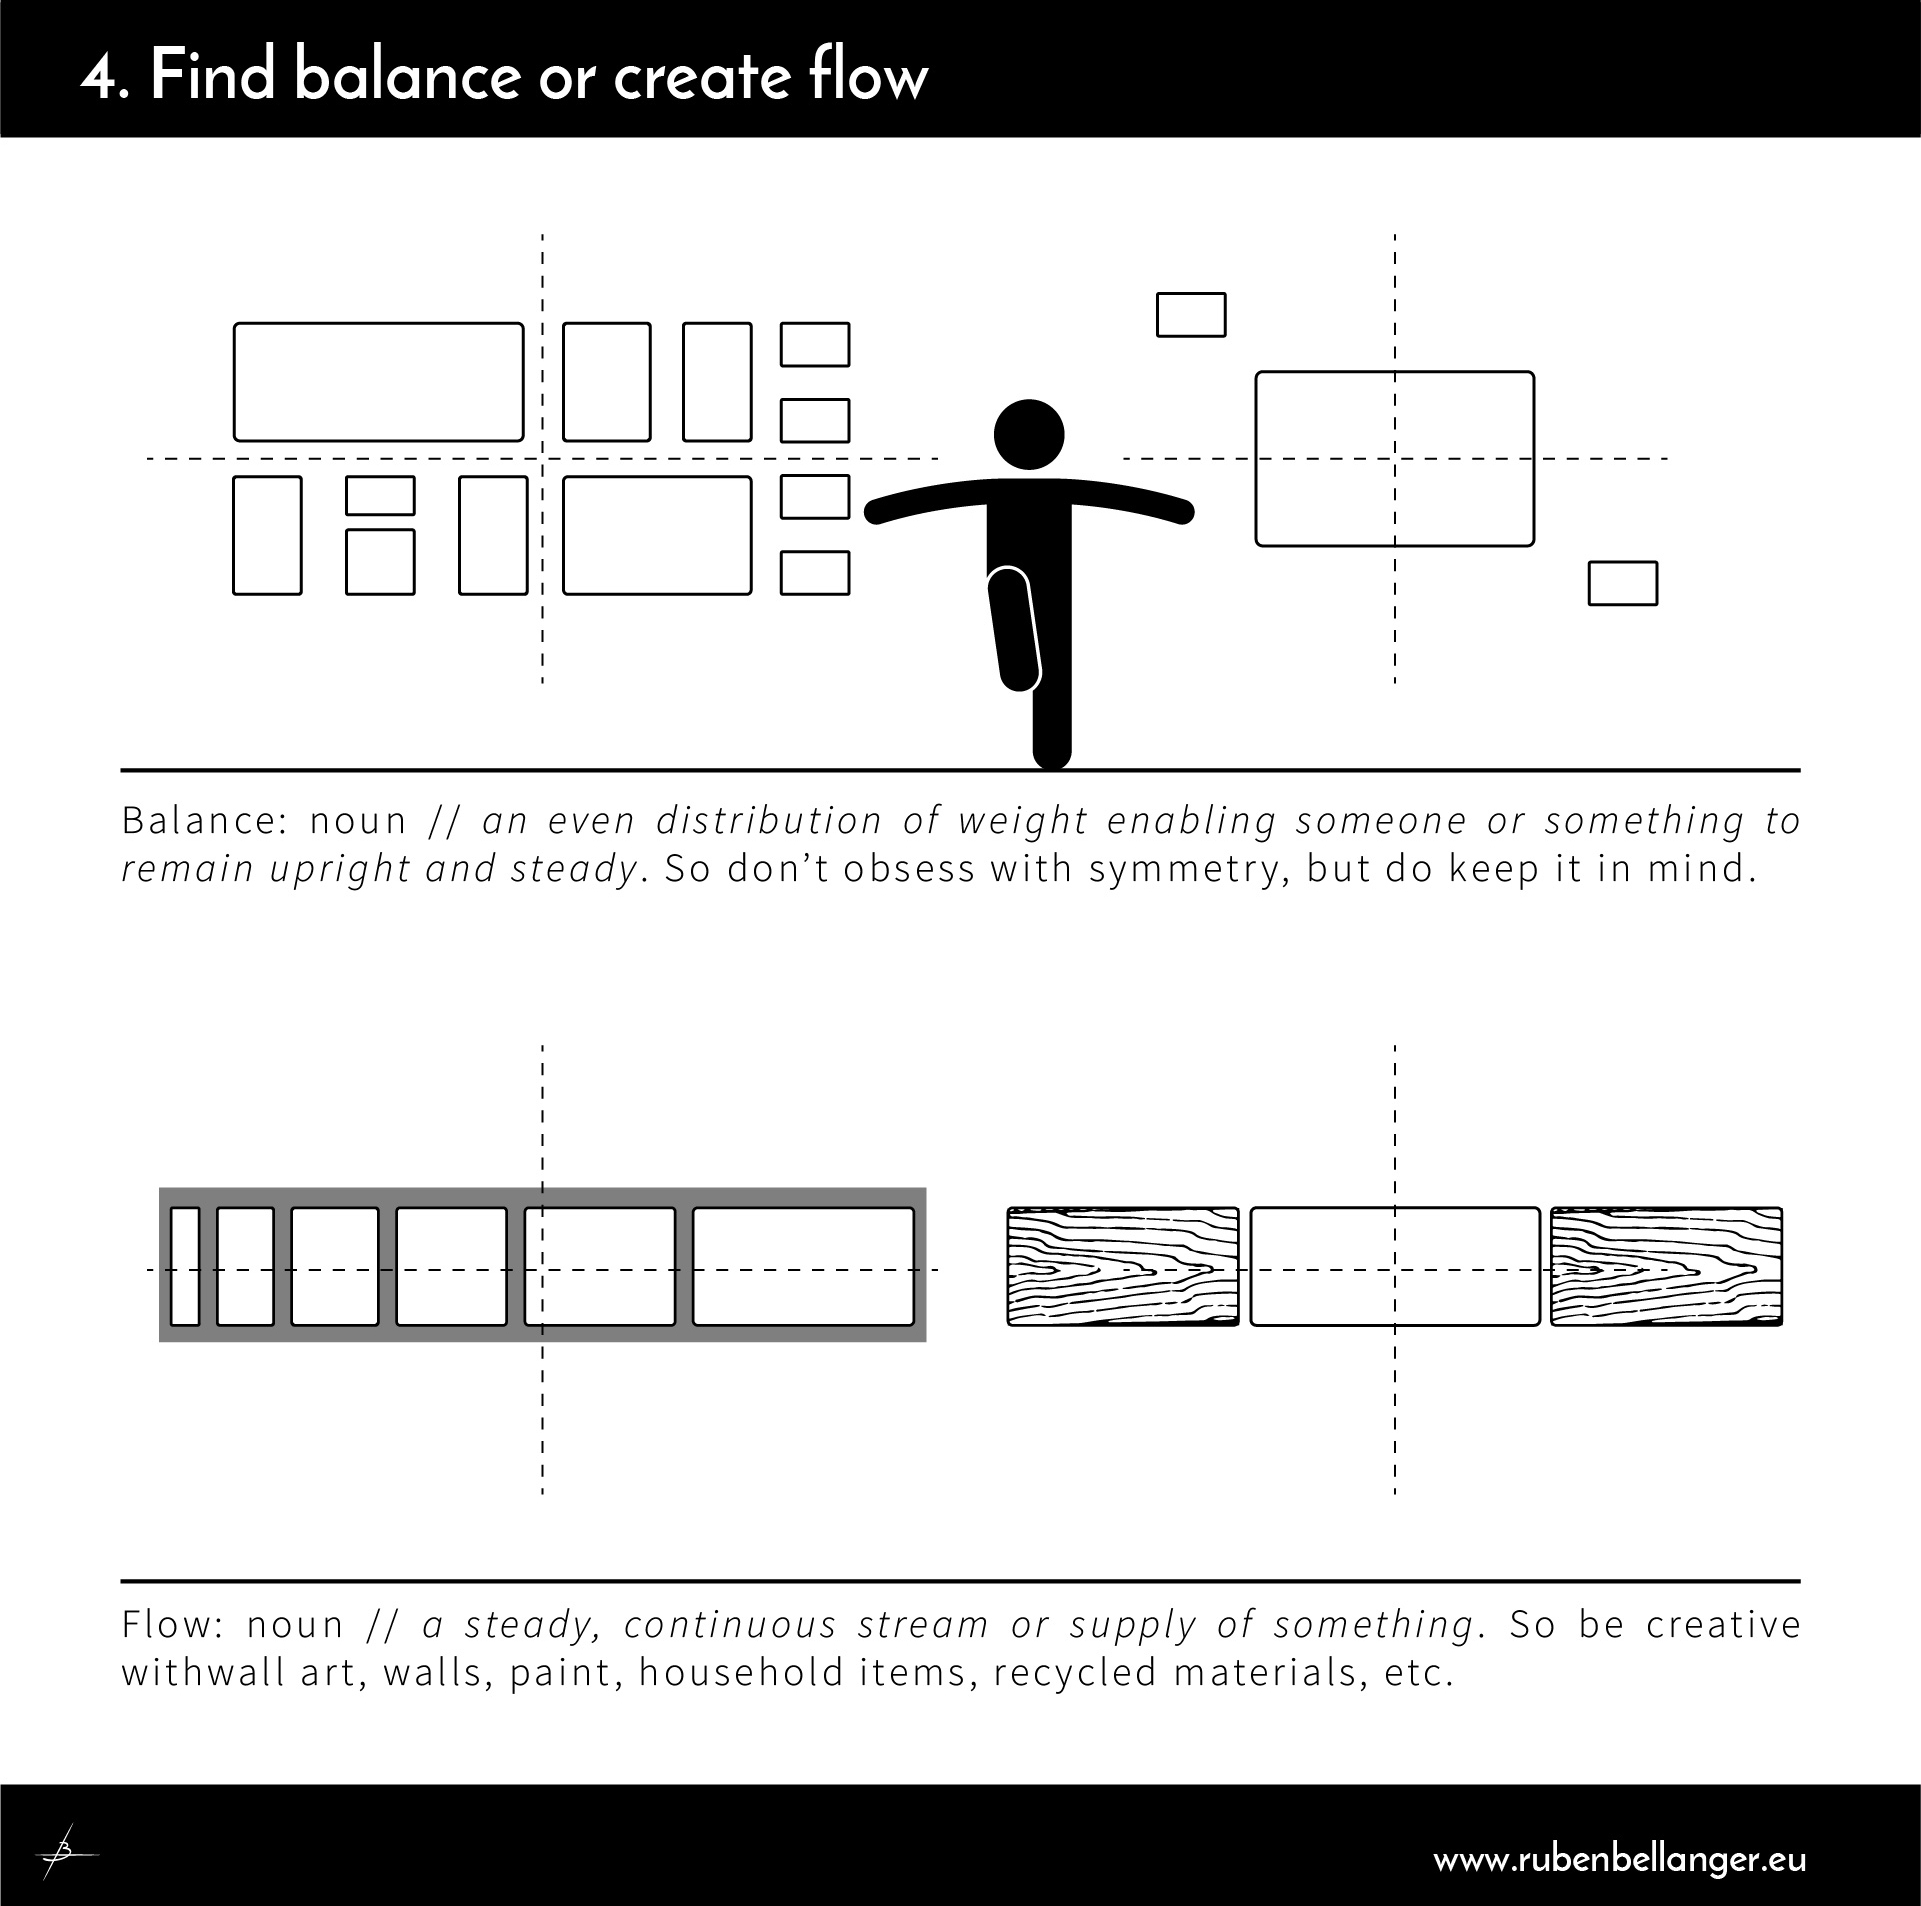 RubenBellanger_WallArt_Infographic_Part4.jpg